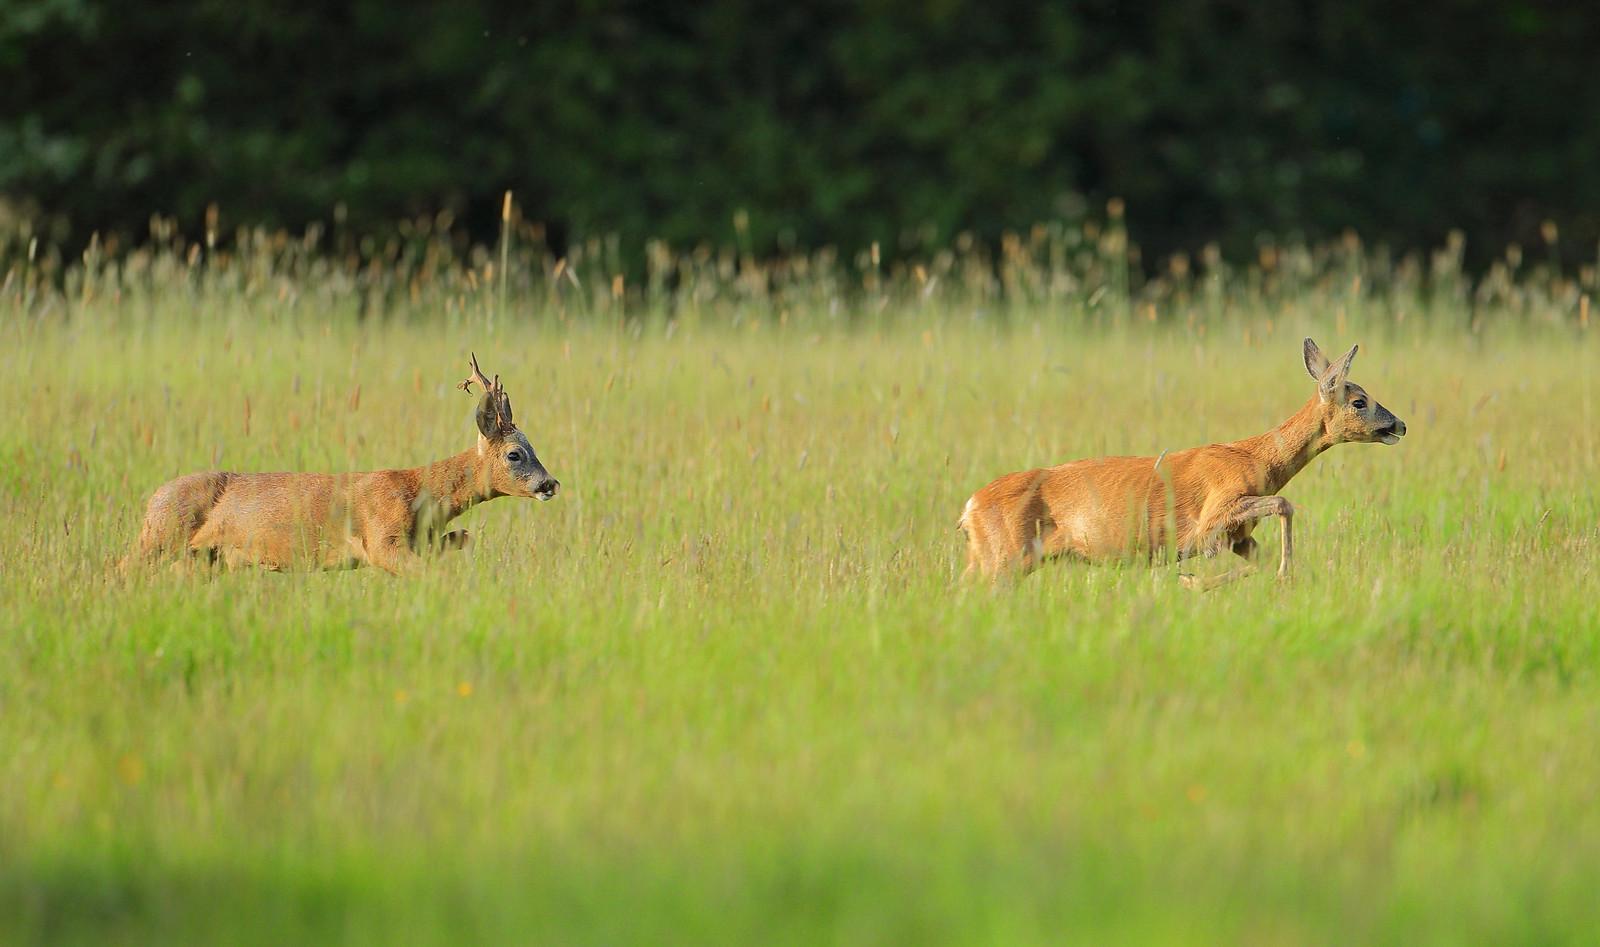 Roe buck chasing Doe